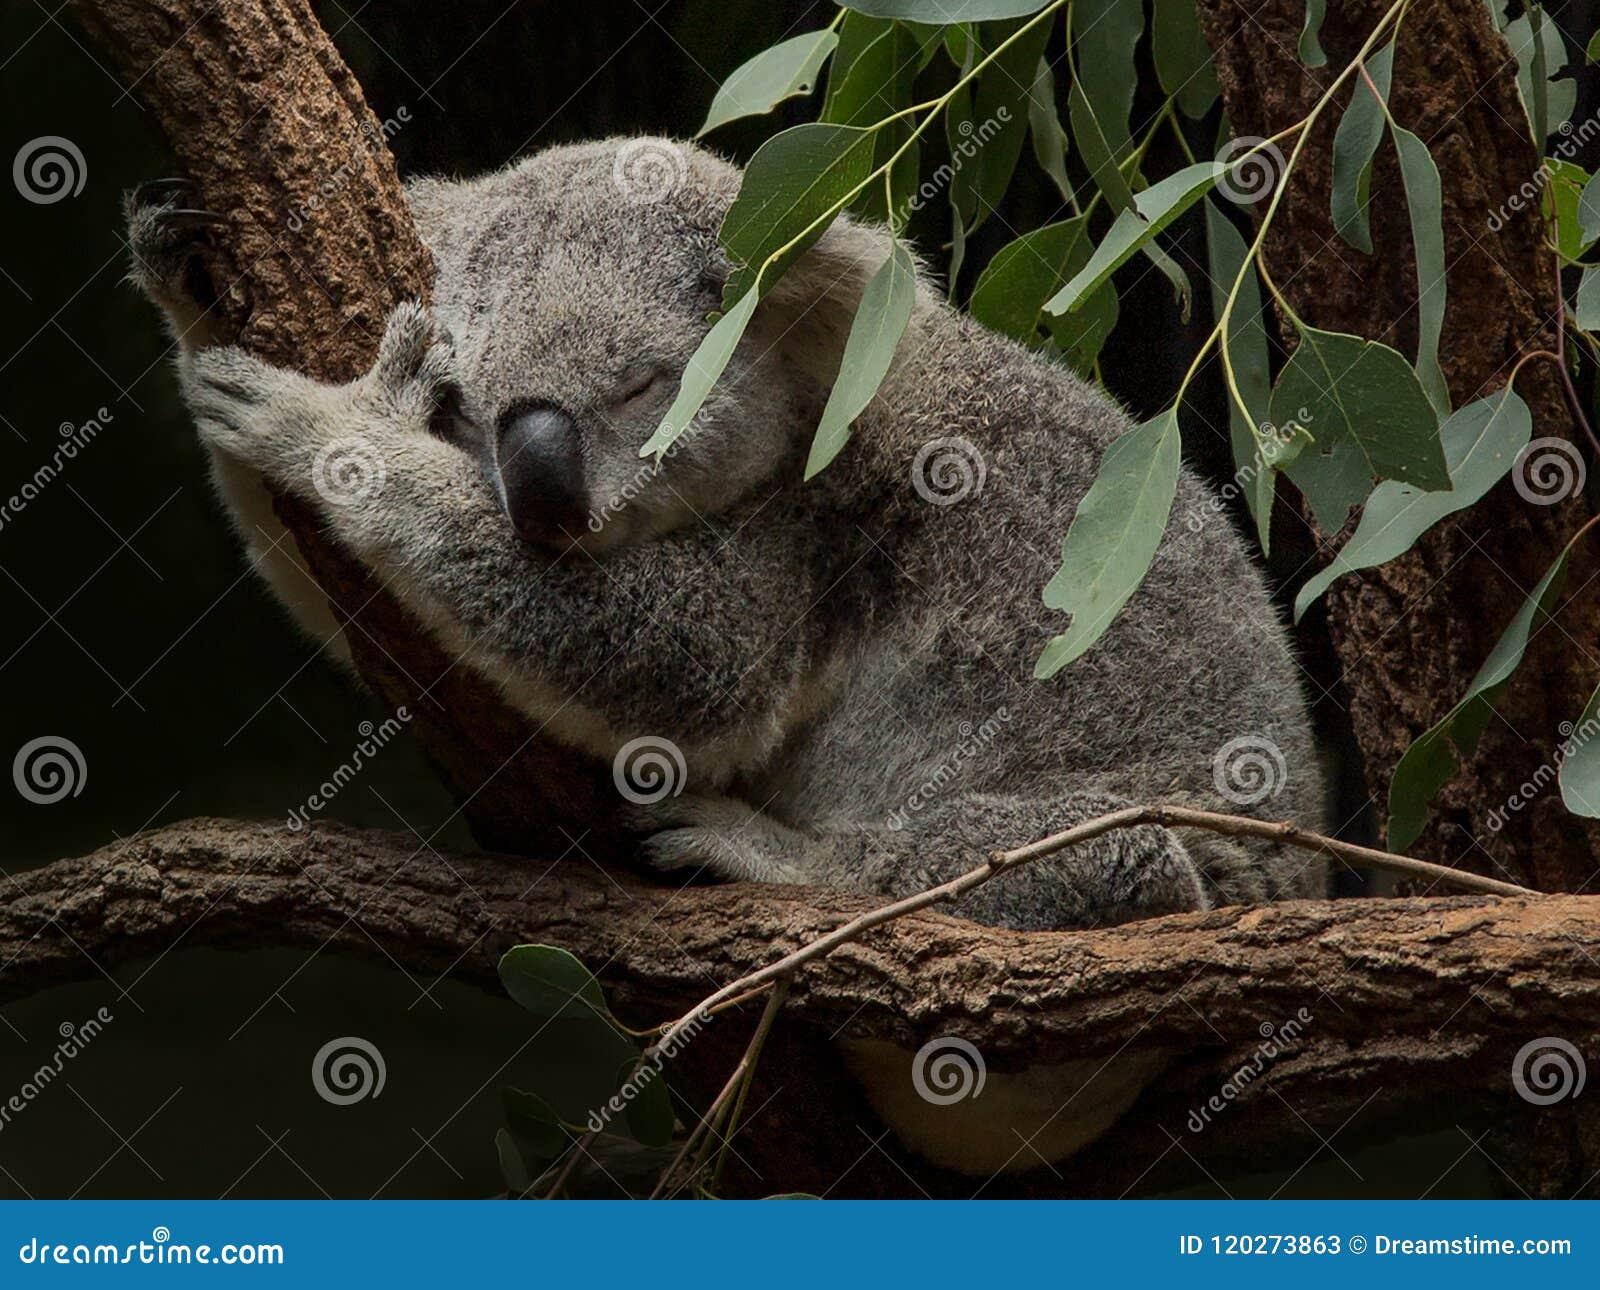 Koala sleeping among Gum Leaves